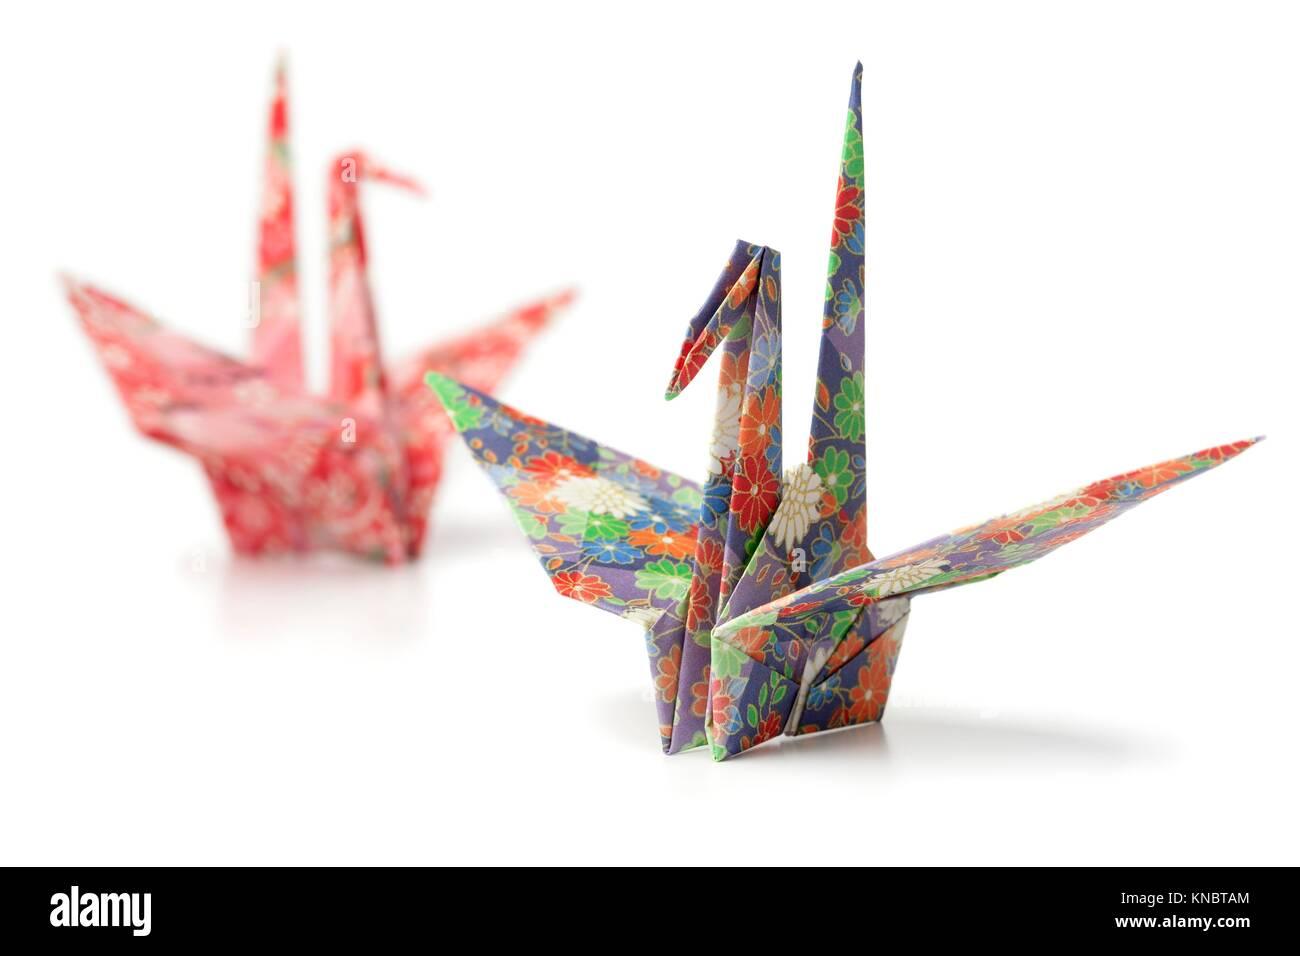 Zwei origami Papier Kran Vögel auf weißem Hintergrund. Stockbild